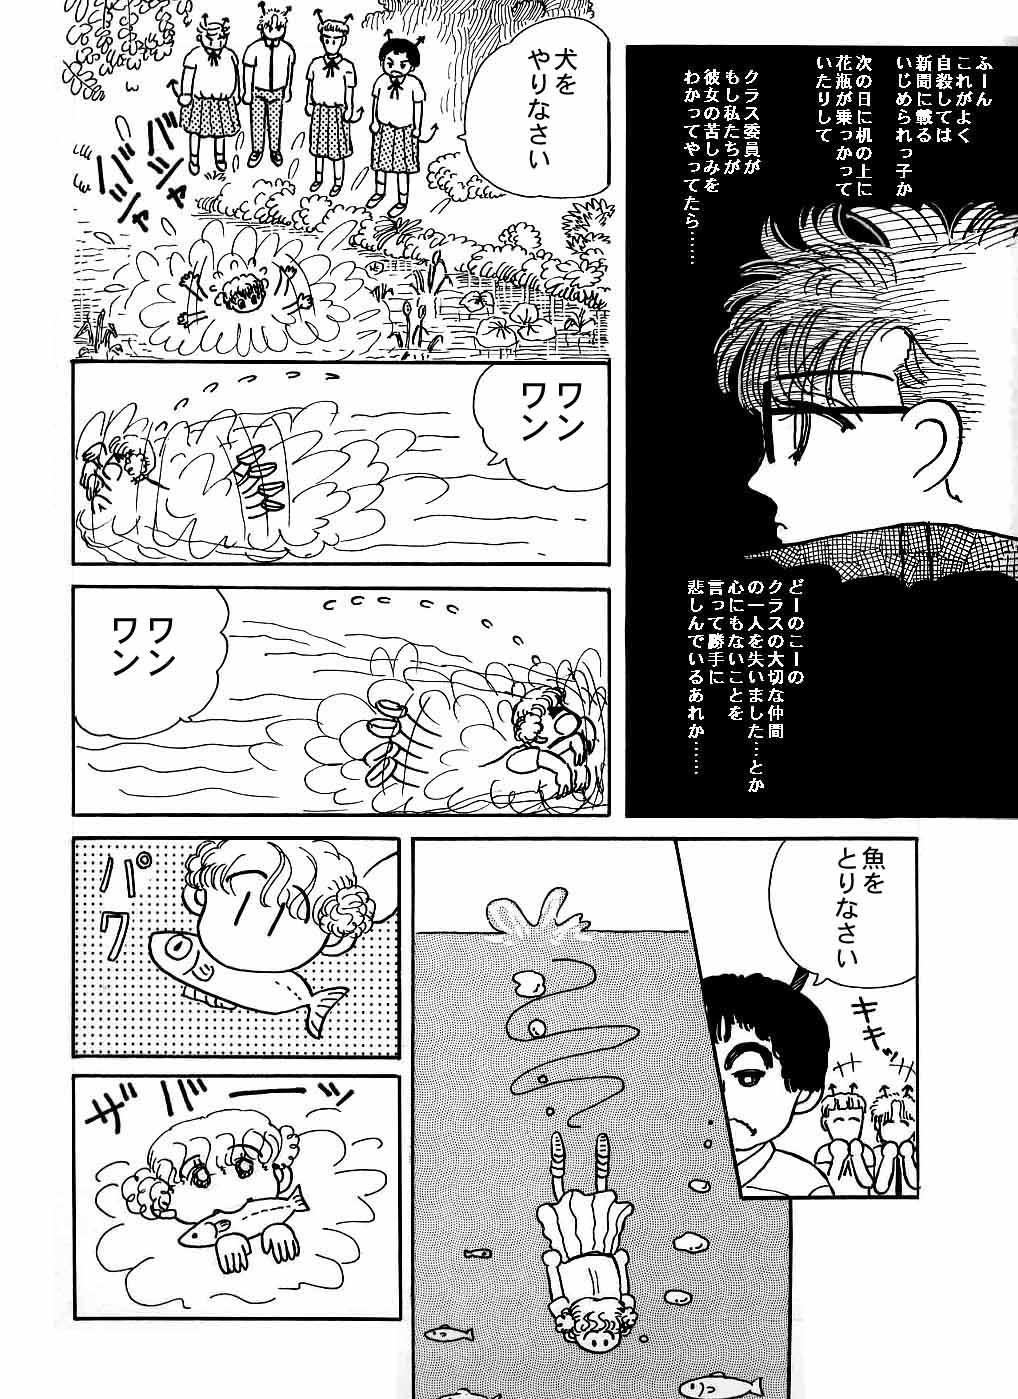 ホラー漫画画像04_20110122035256.jpg